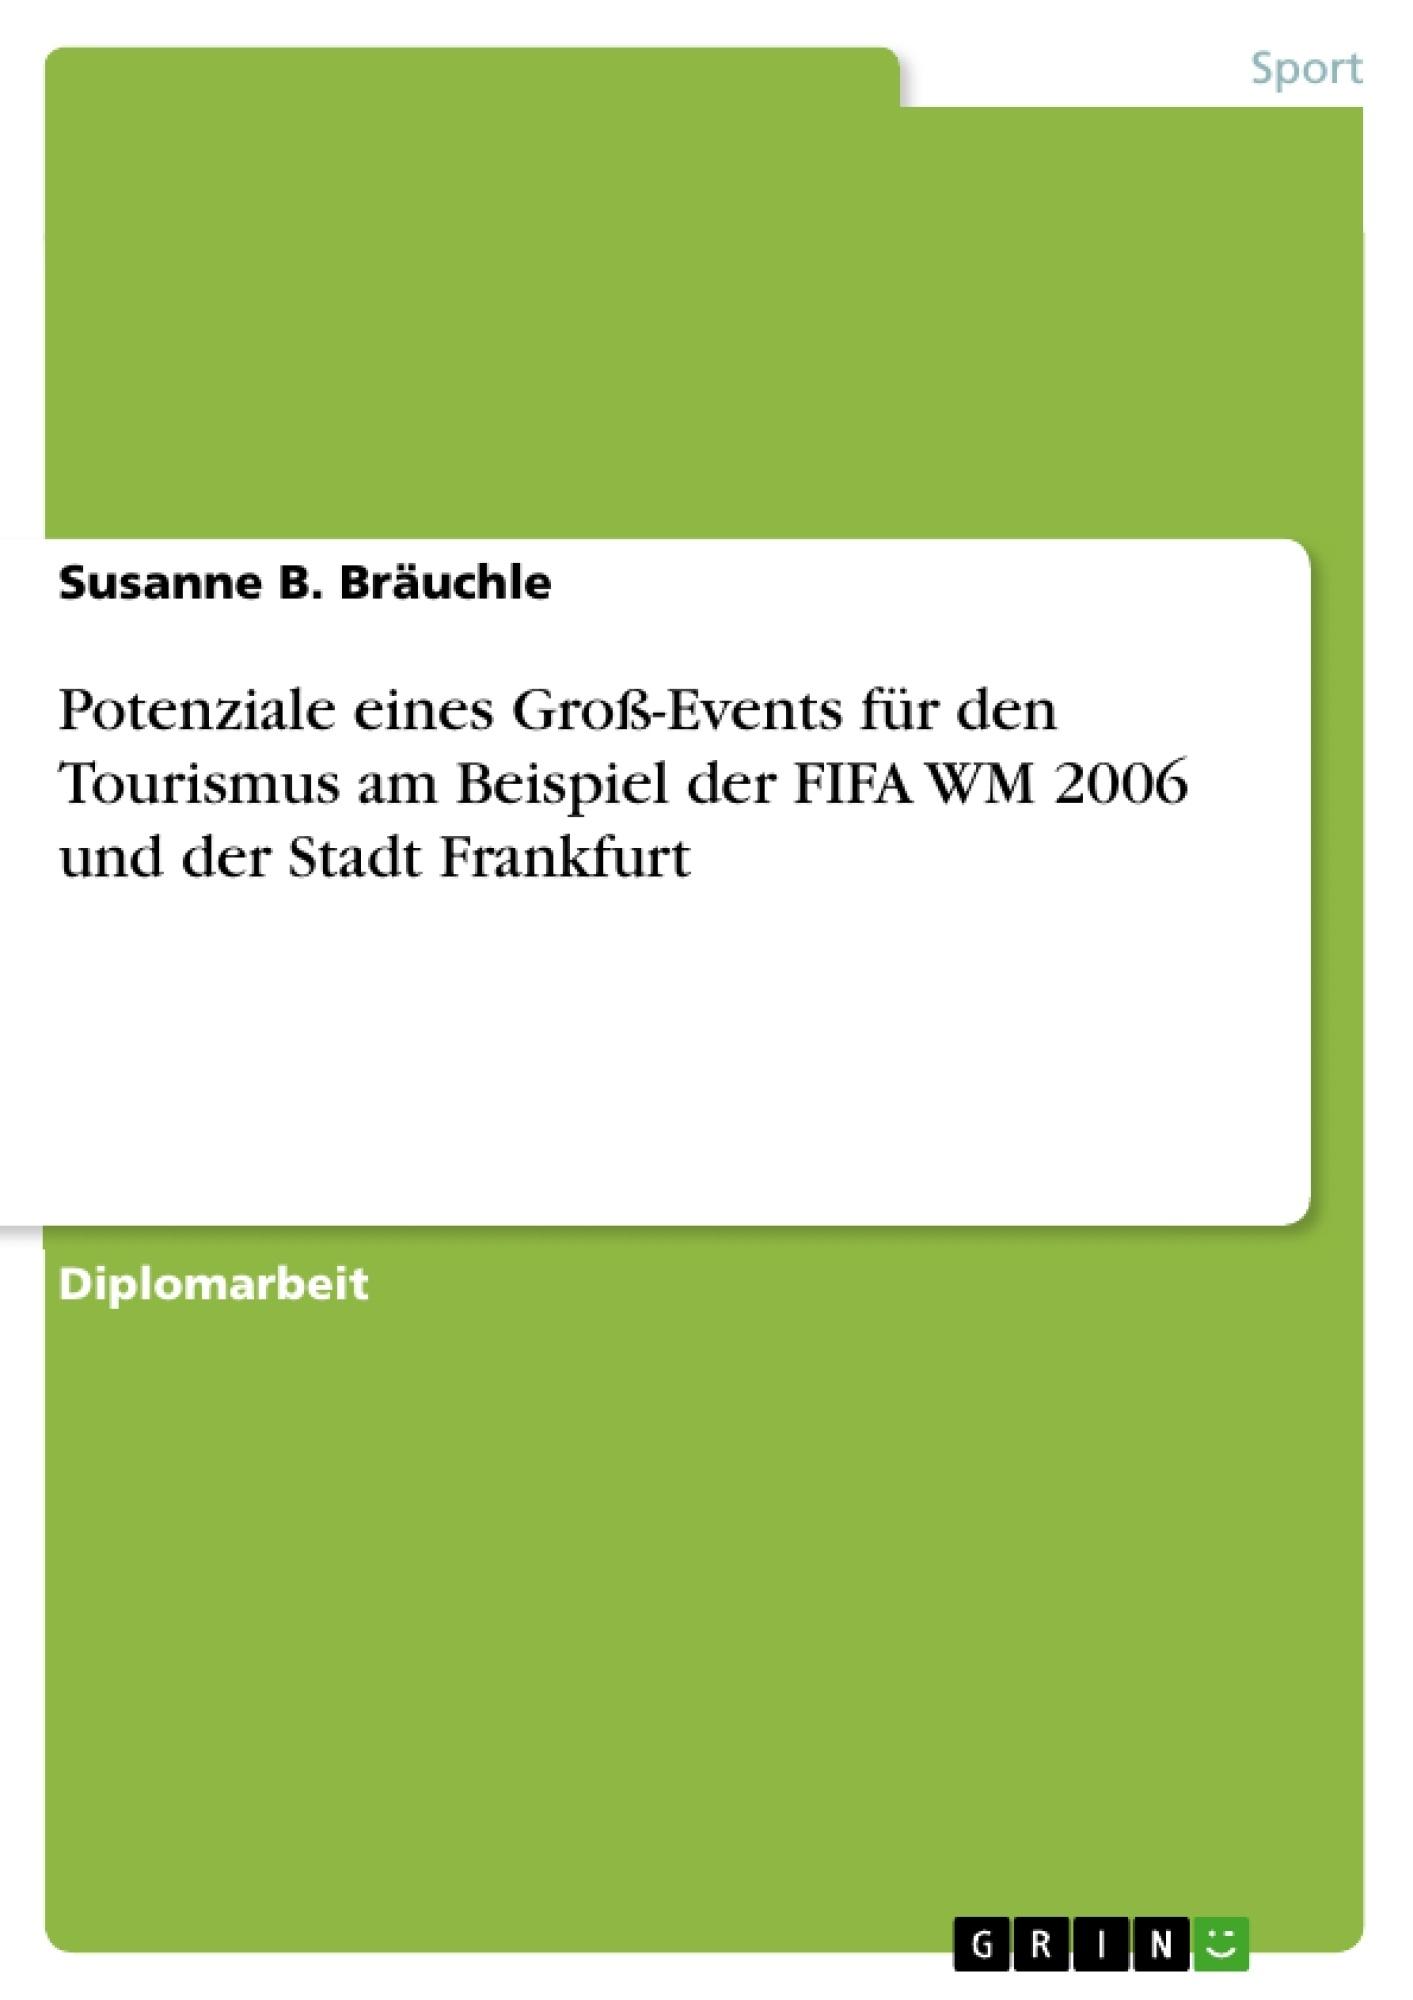 Titel: Potenziale eines Groß-Events für den Tourismus am Beispiel der FIFA WM 2006 und der Stadt Frankfurt